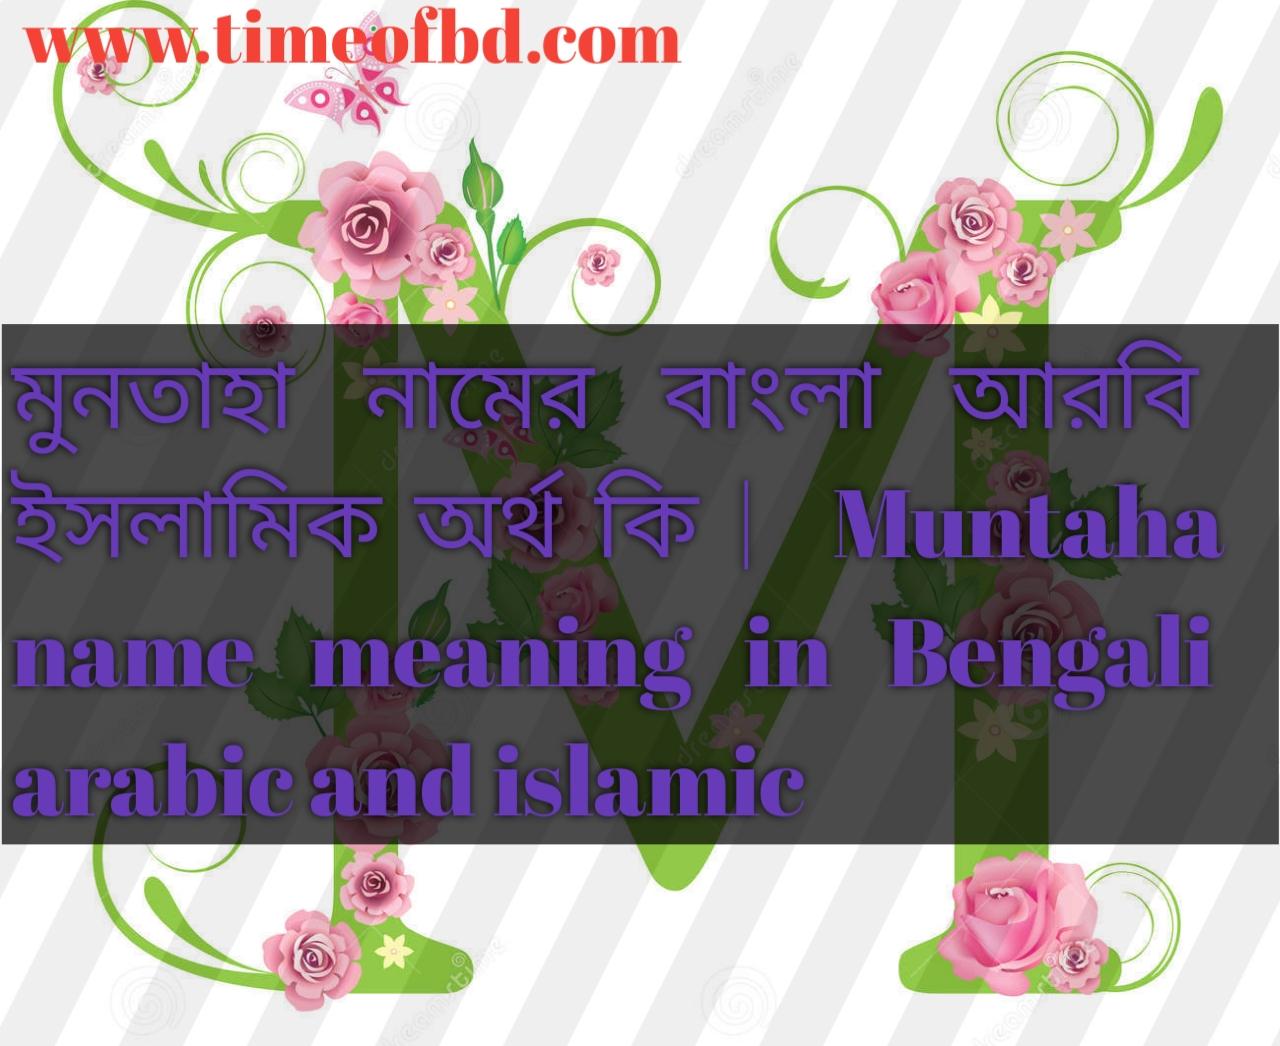 মুনতাহা নামের অর্থ কি, মুনতাহা নামের বাংলা অর্থ কি, মুনতাহা নামের ইসলামিক অর্থ কি, Muntaha name in Bengali, মুনতাহা কি ইসলামিক নাম,